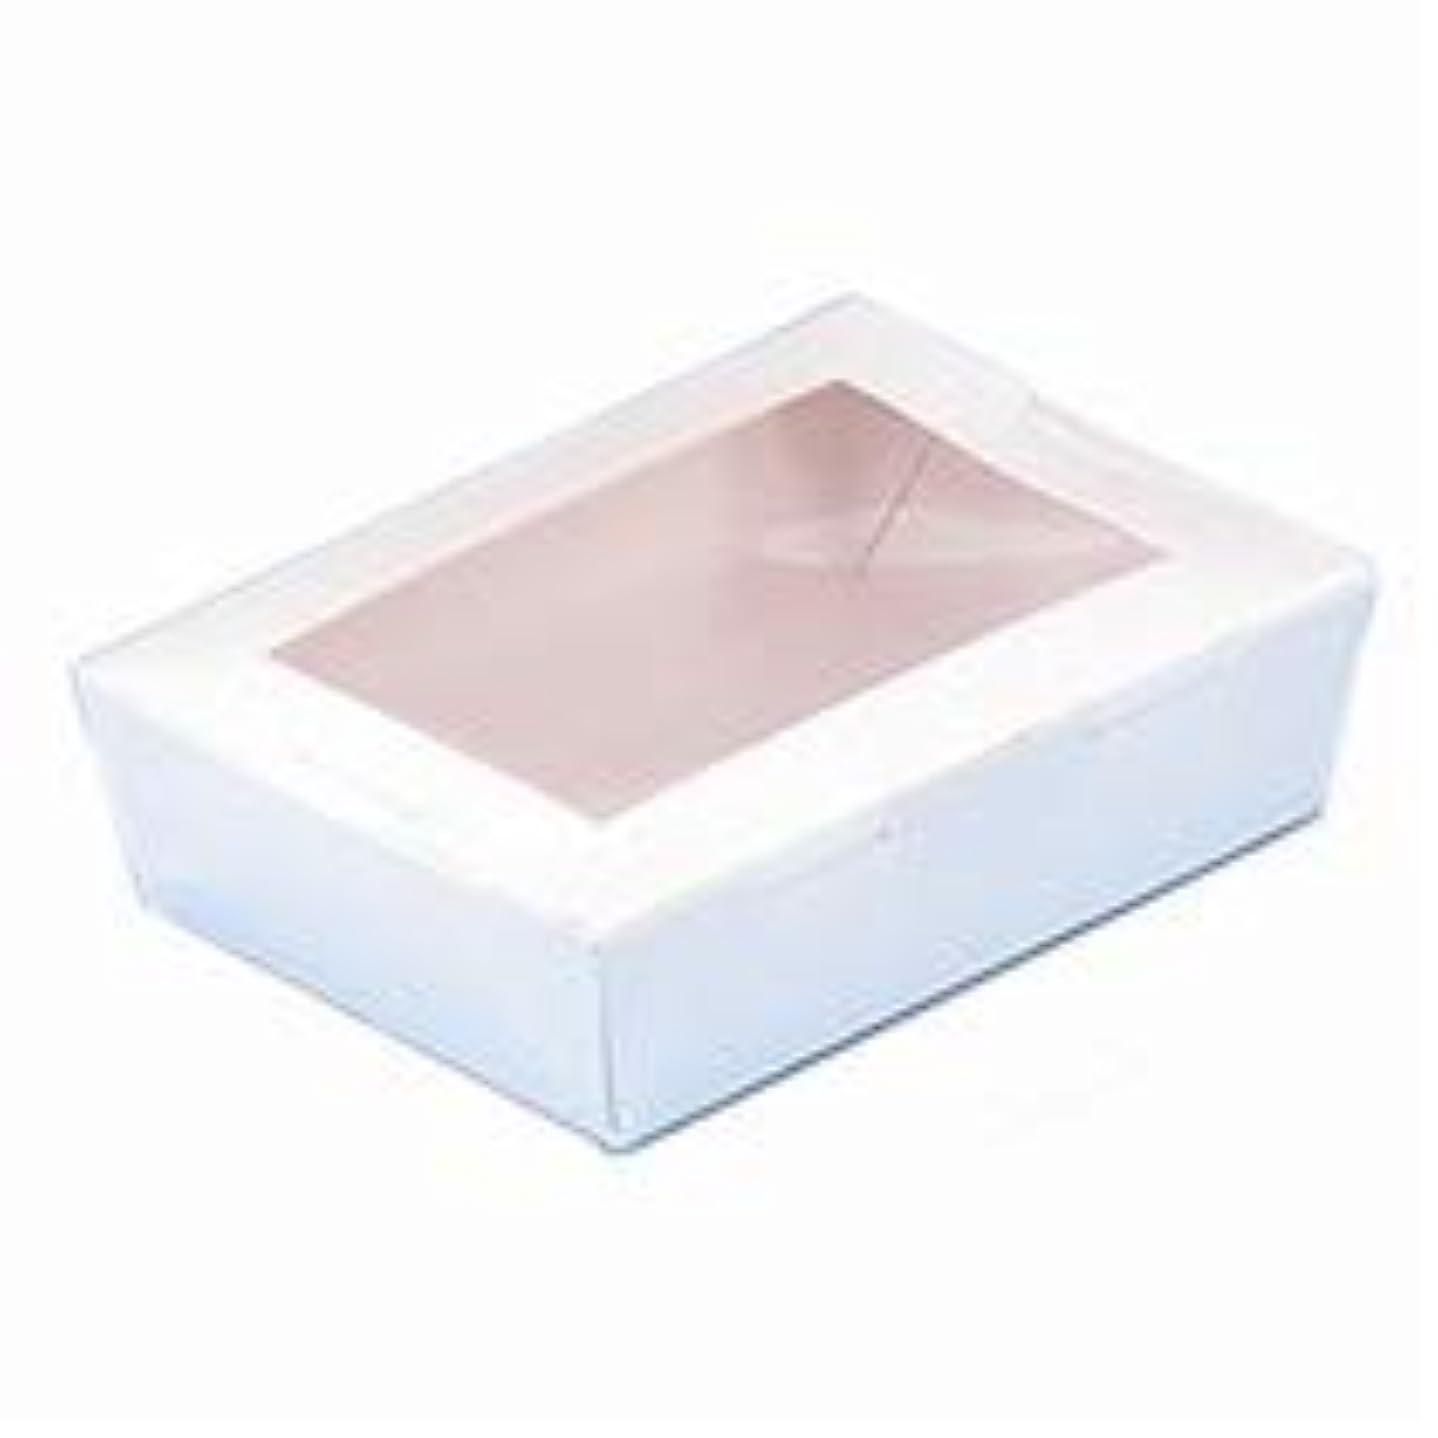 バラエティ国契約手作り石けん用 窓付きペーパーモールド XSサイズ ホワイト 1個